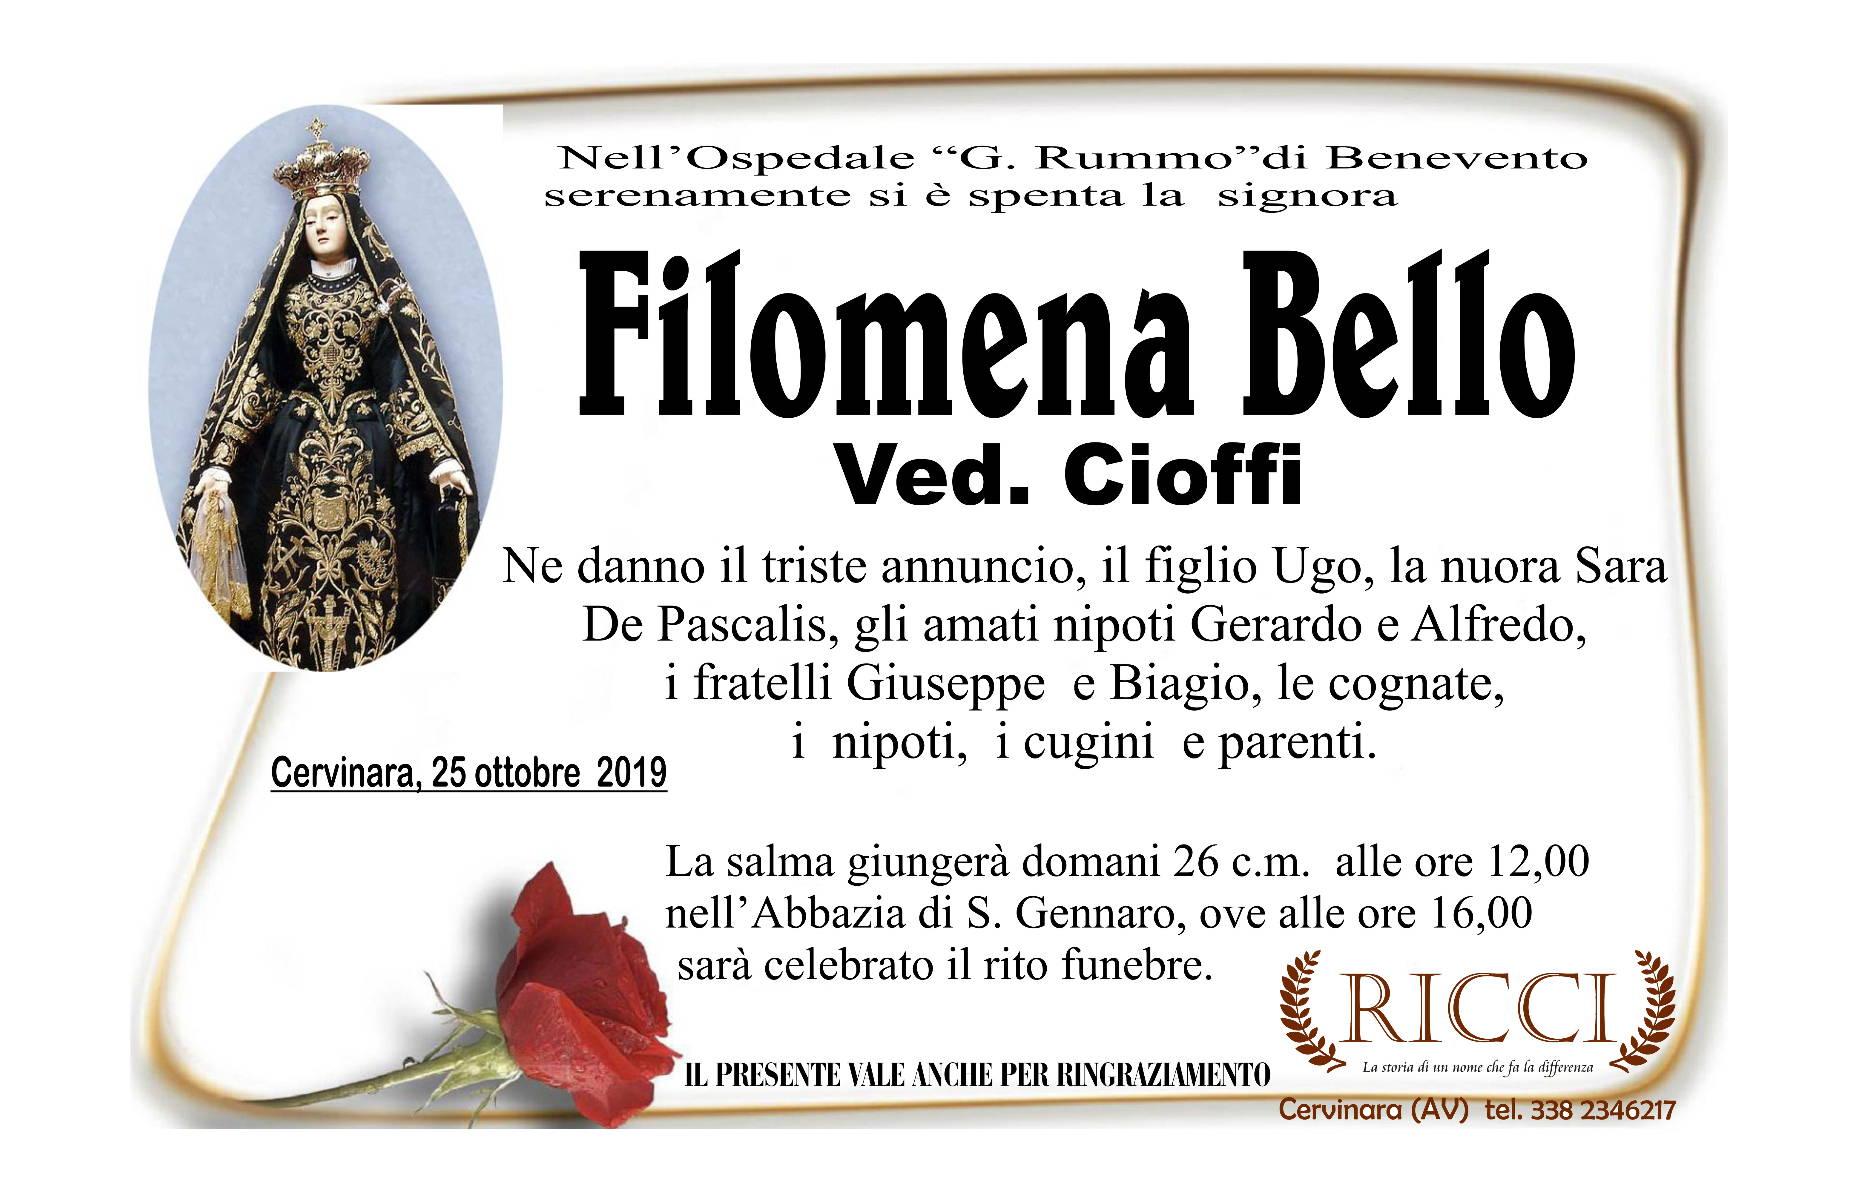 Filomena Bello